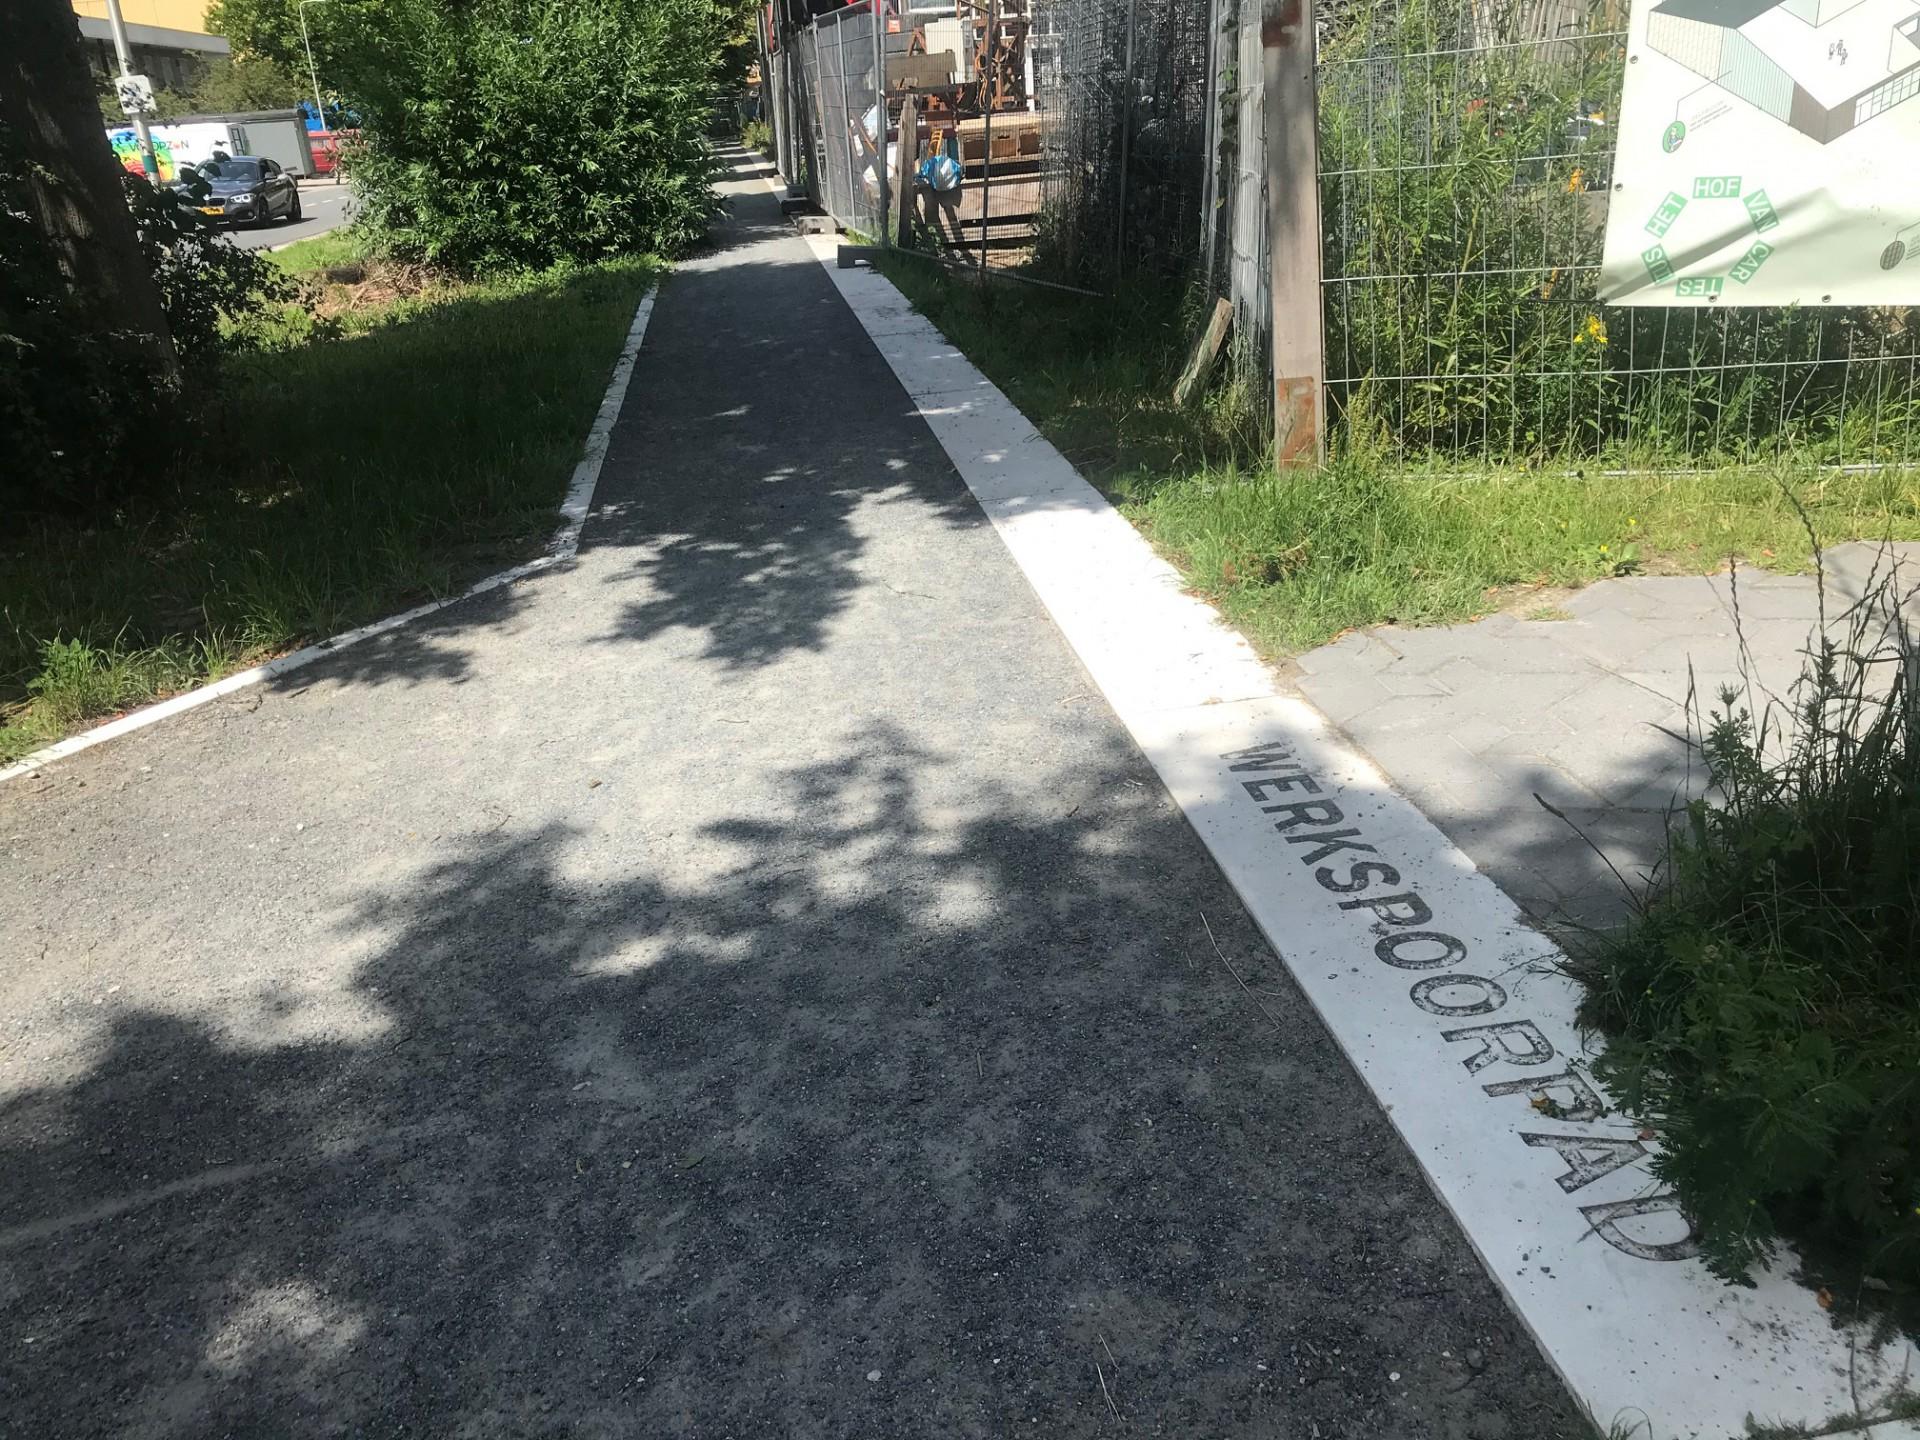 Detailfoto van het werkspoorpad, waar we de naam Werkspoorpad ook in een witte krijtstreep zien staan